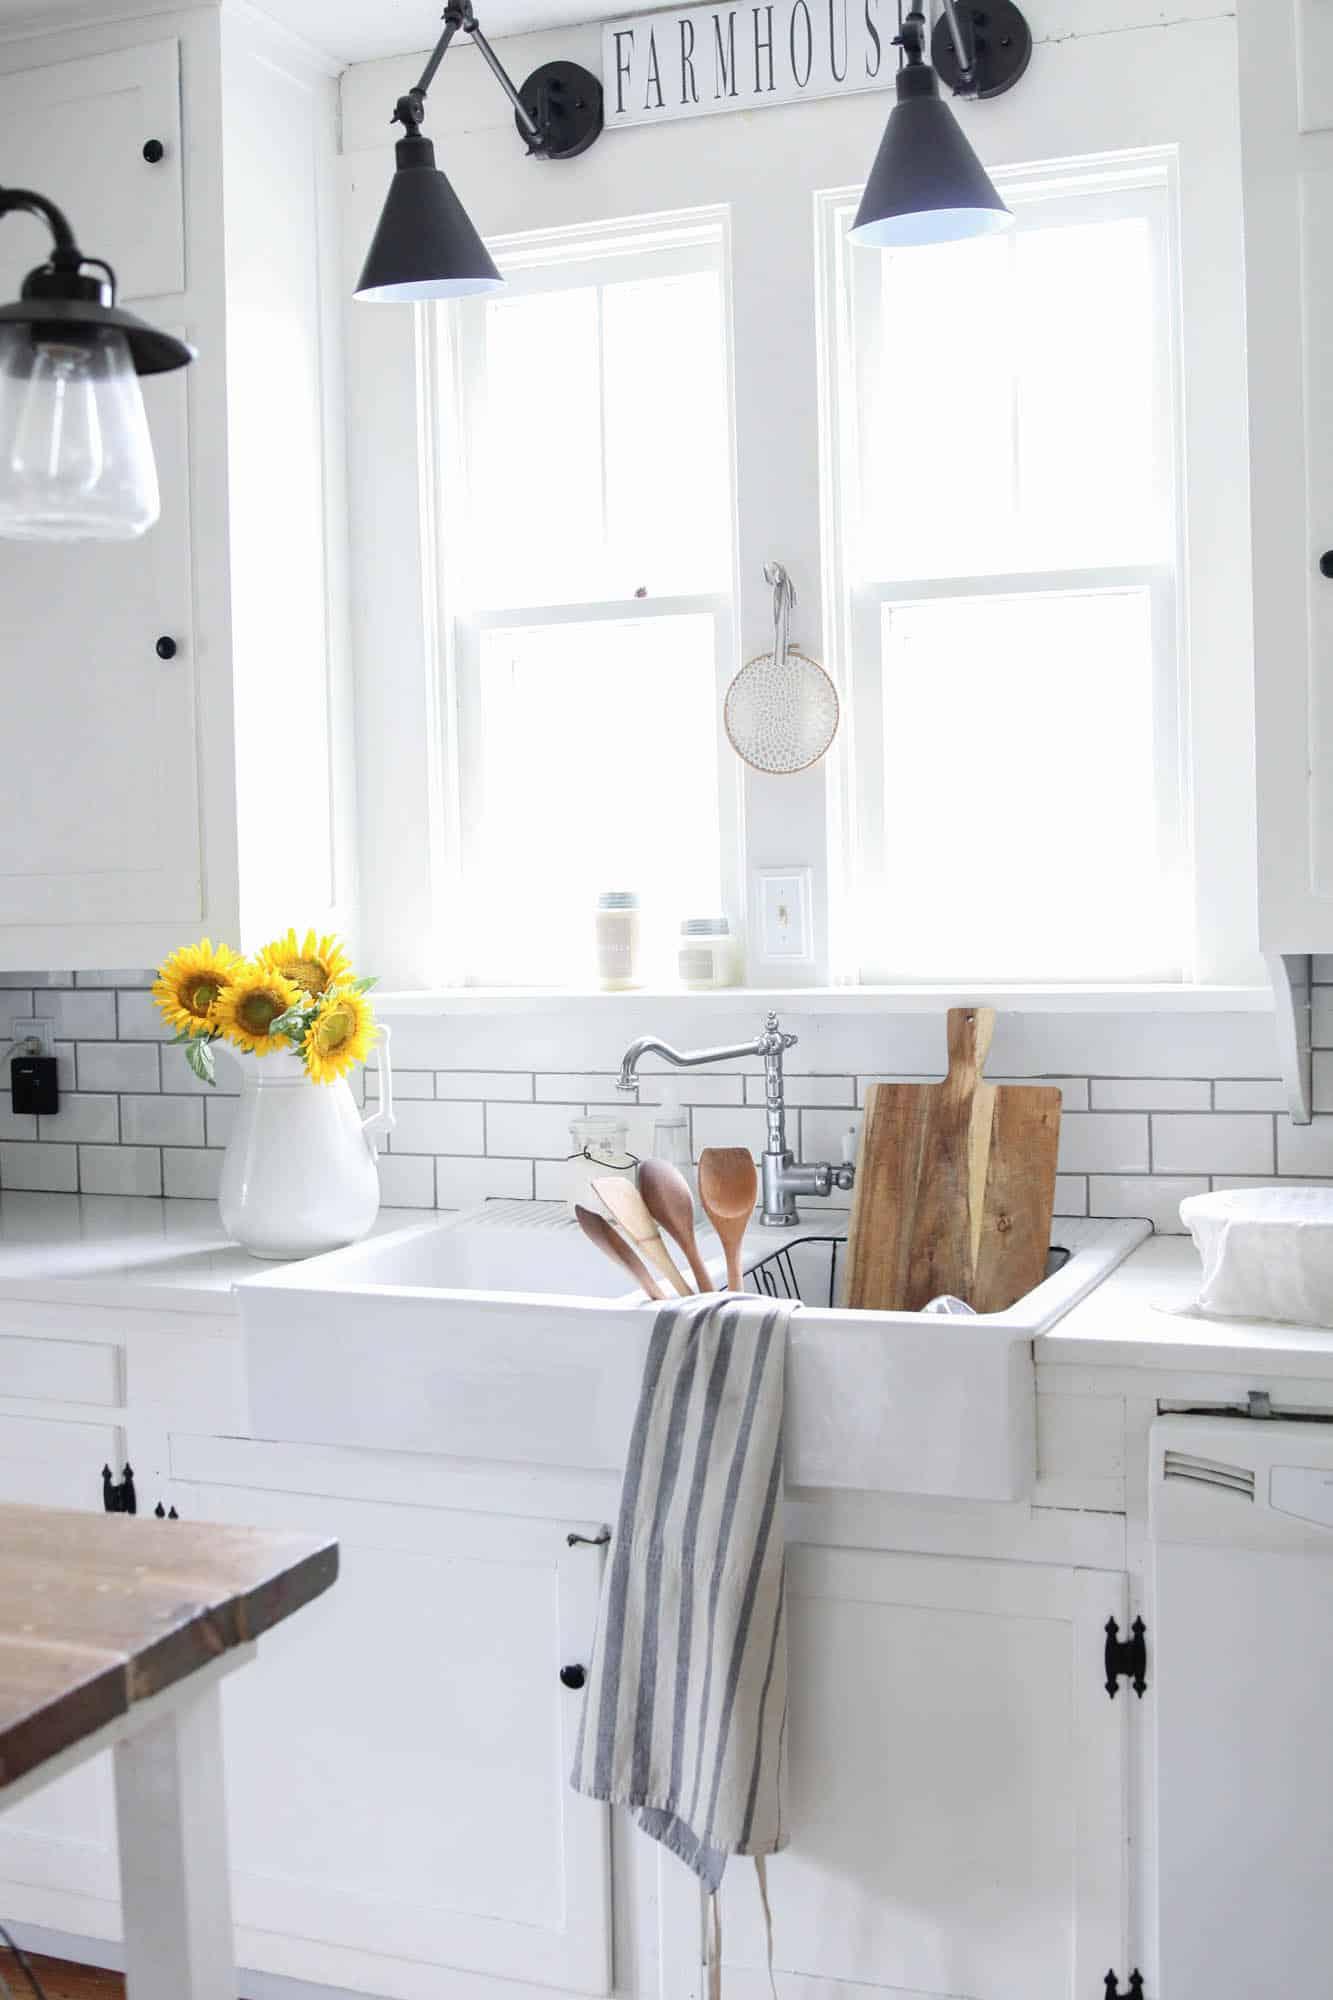 Top 10 Farmhouse Kitchens on a Budget - Seeking Lavendar Lane